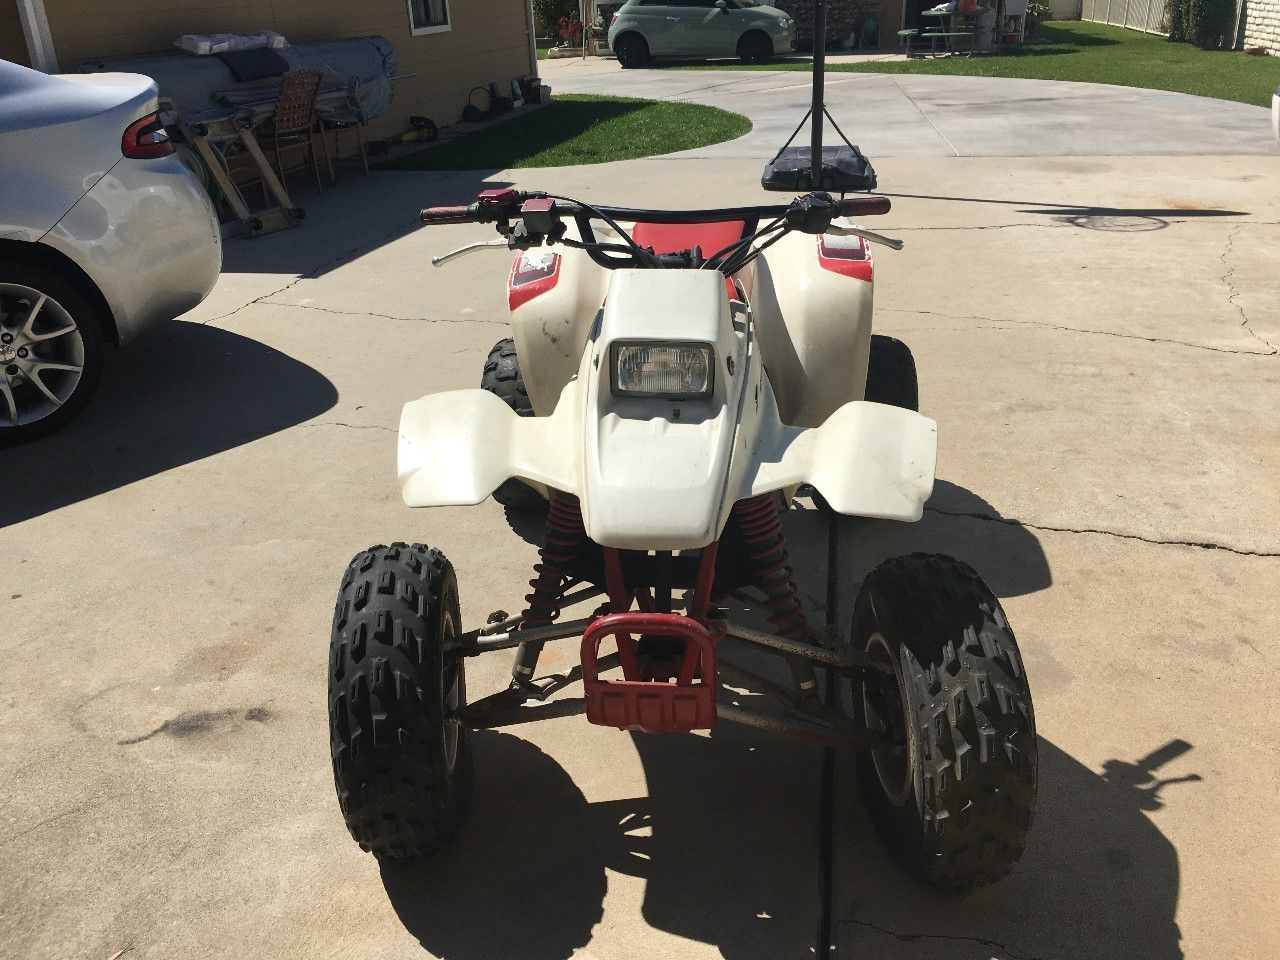 Used 1989 Honda TRX 250R ATVs For Sale in California. 1989